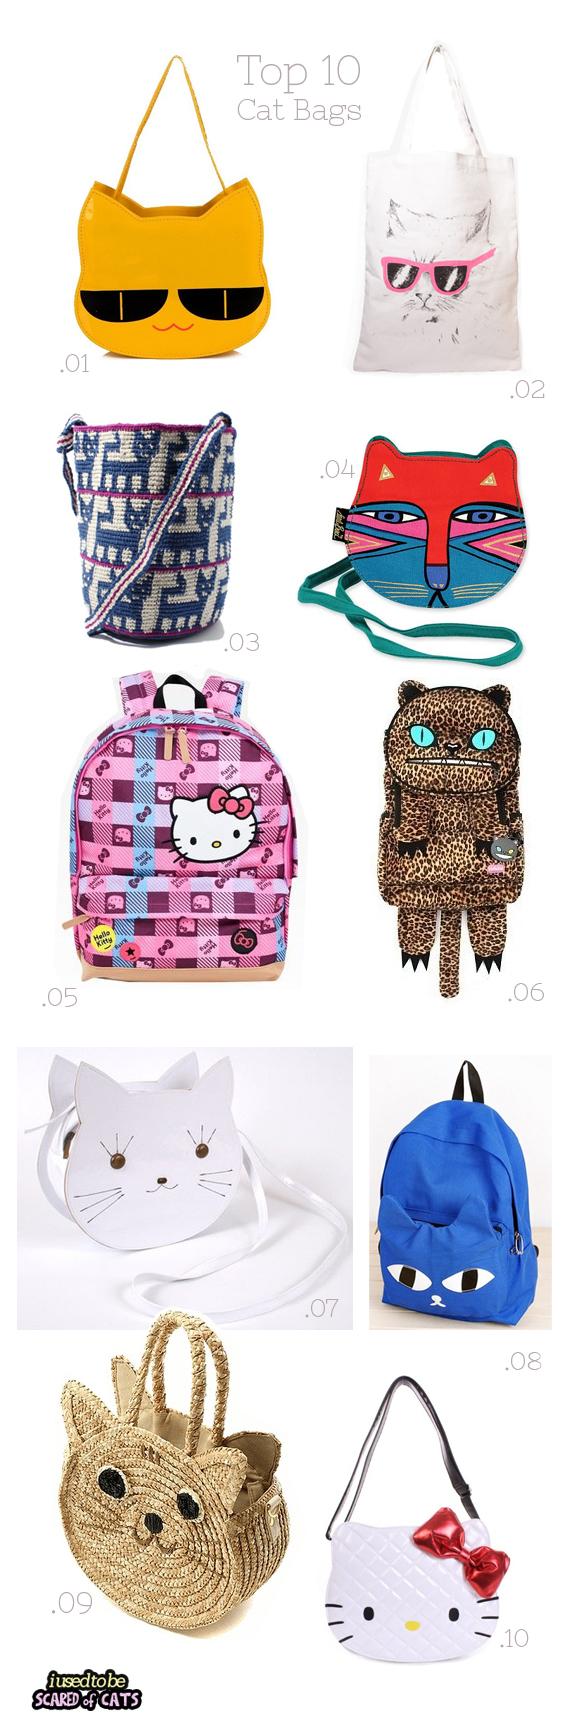 top 10 cat bags